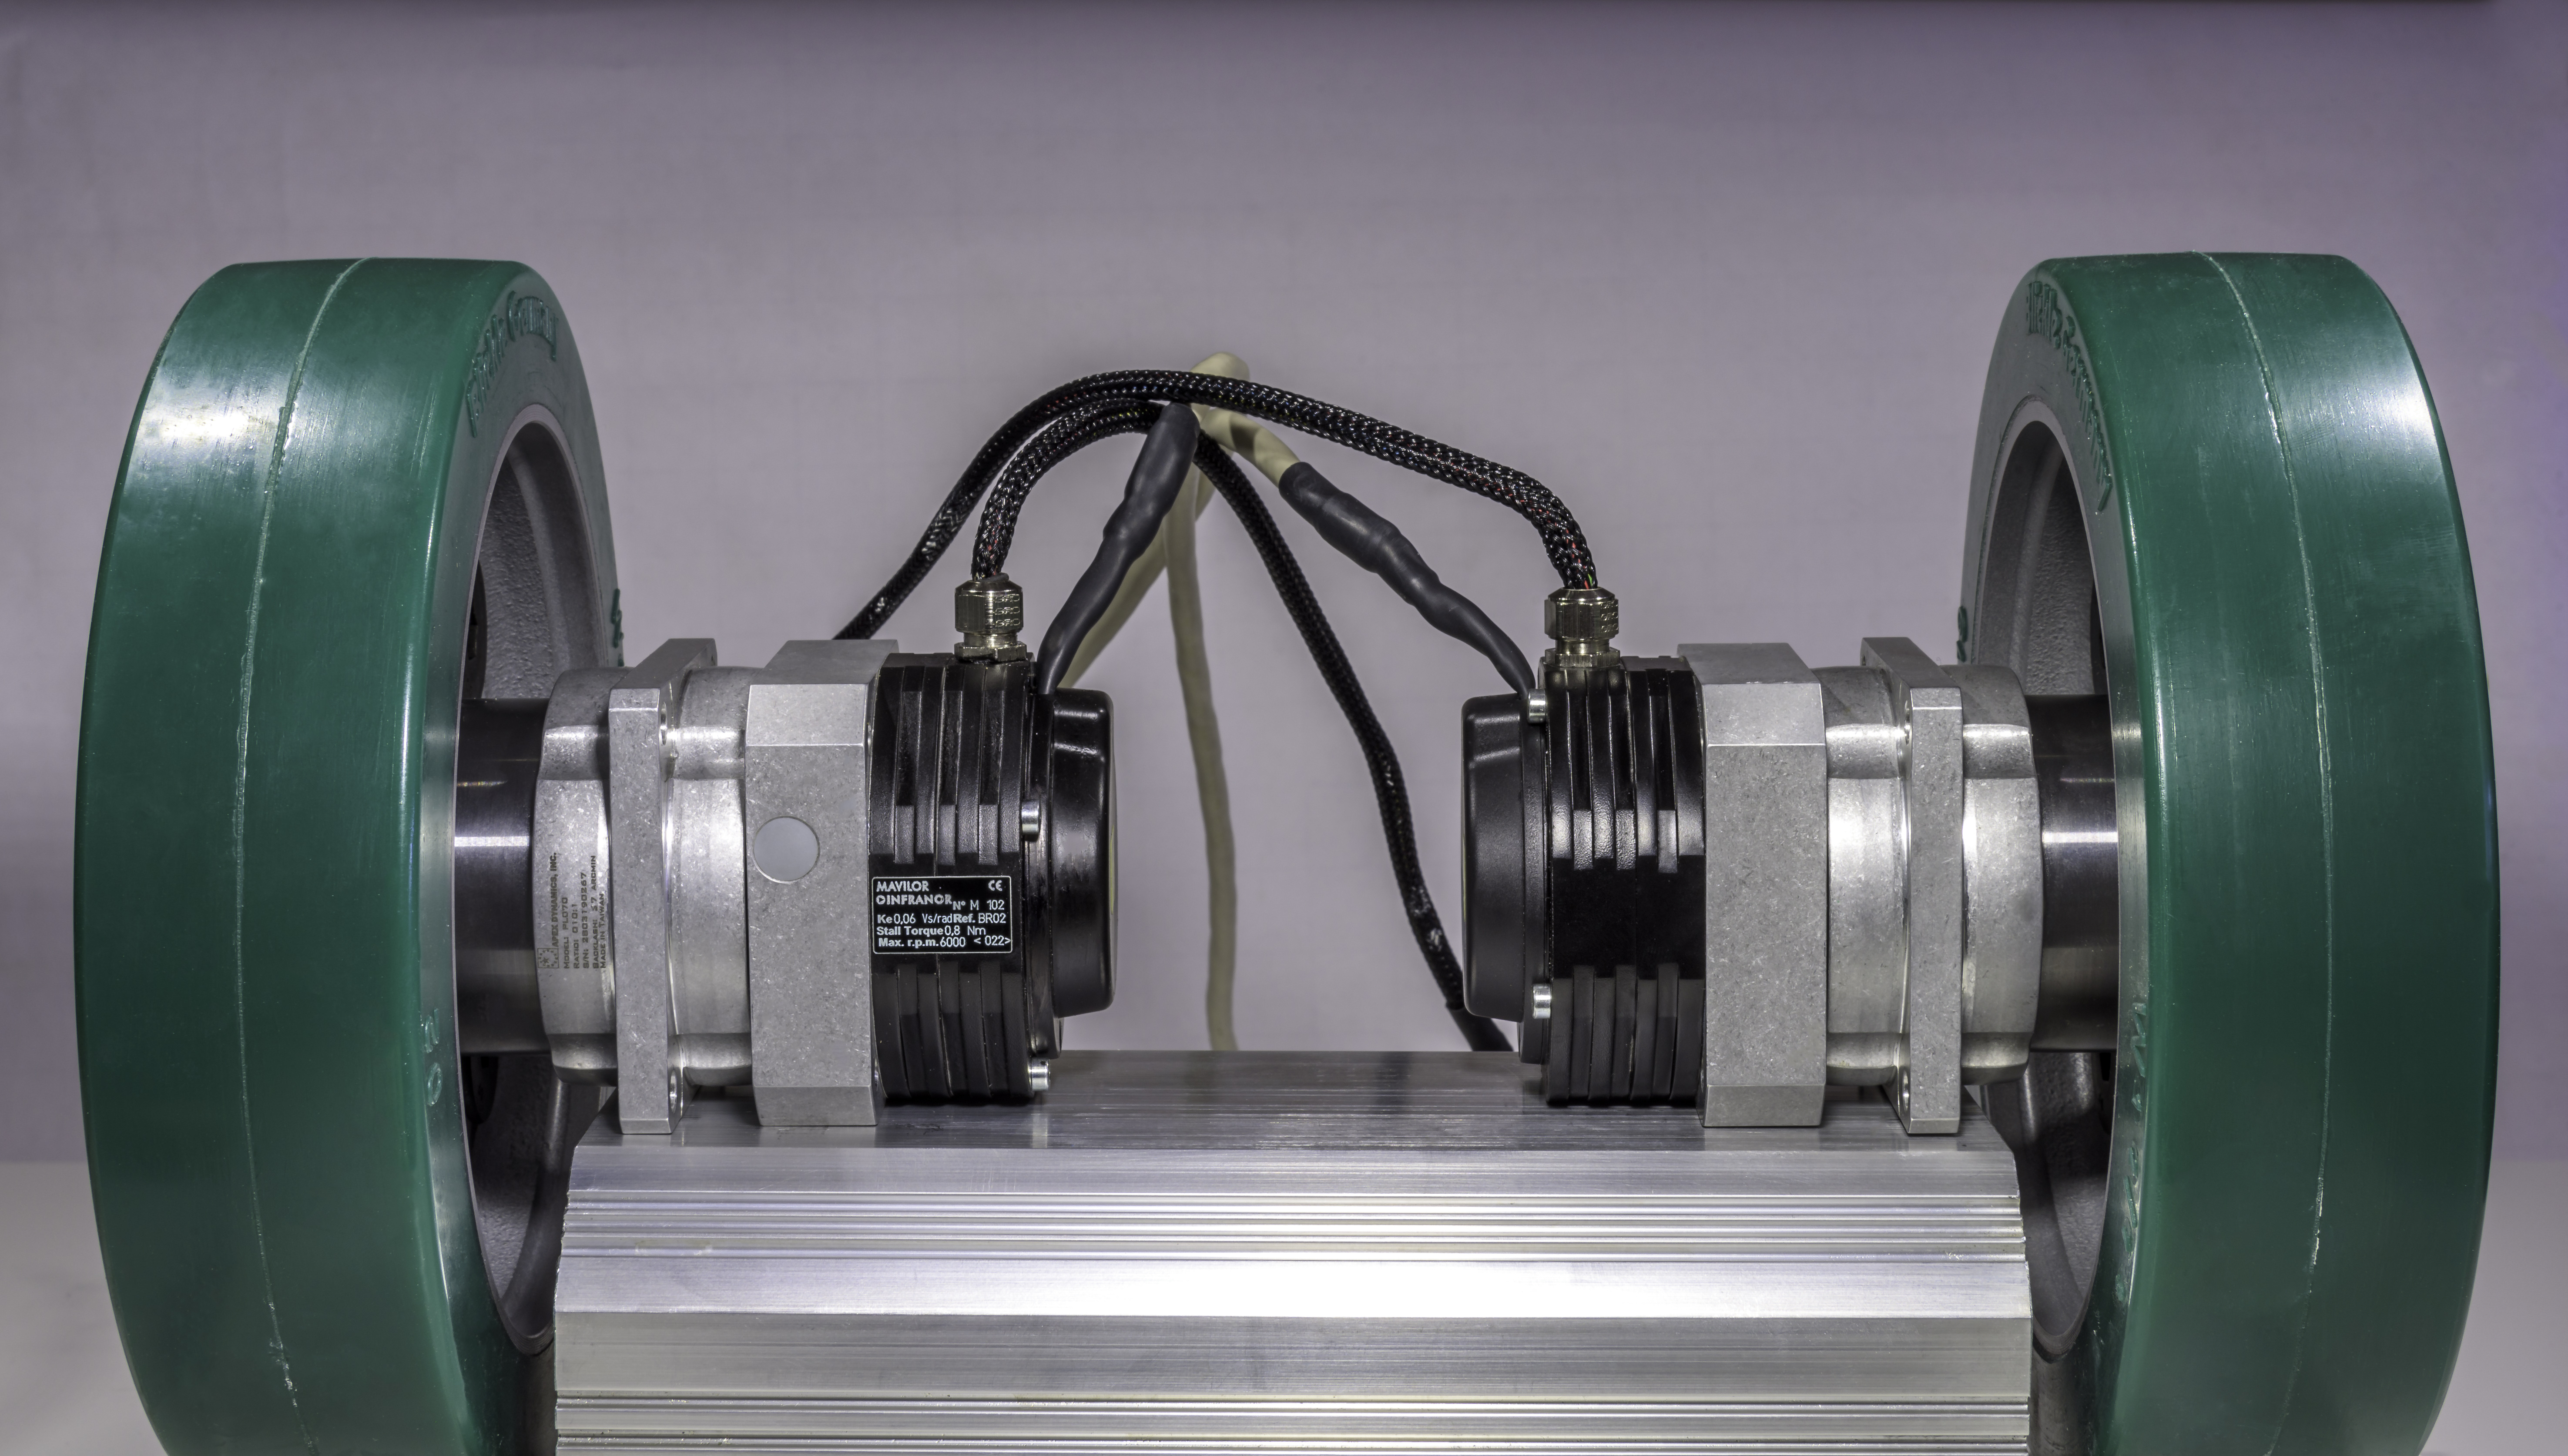 Motores brushless planos y ligeros con una alta relación par/peso Gama XtraforsBR™ de Mavilor®